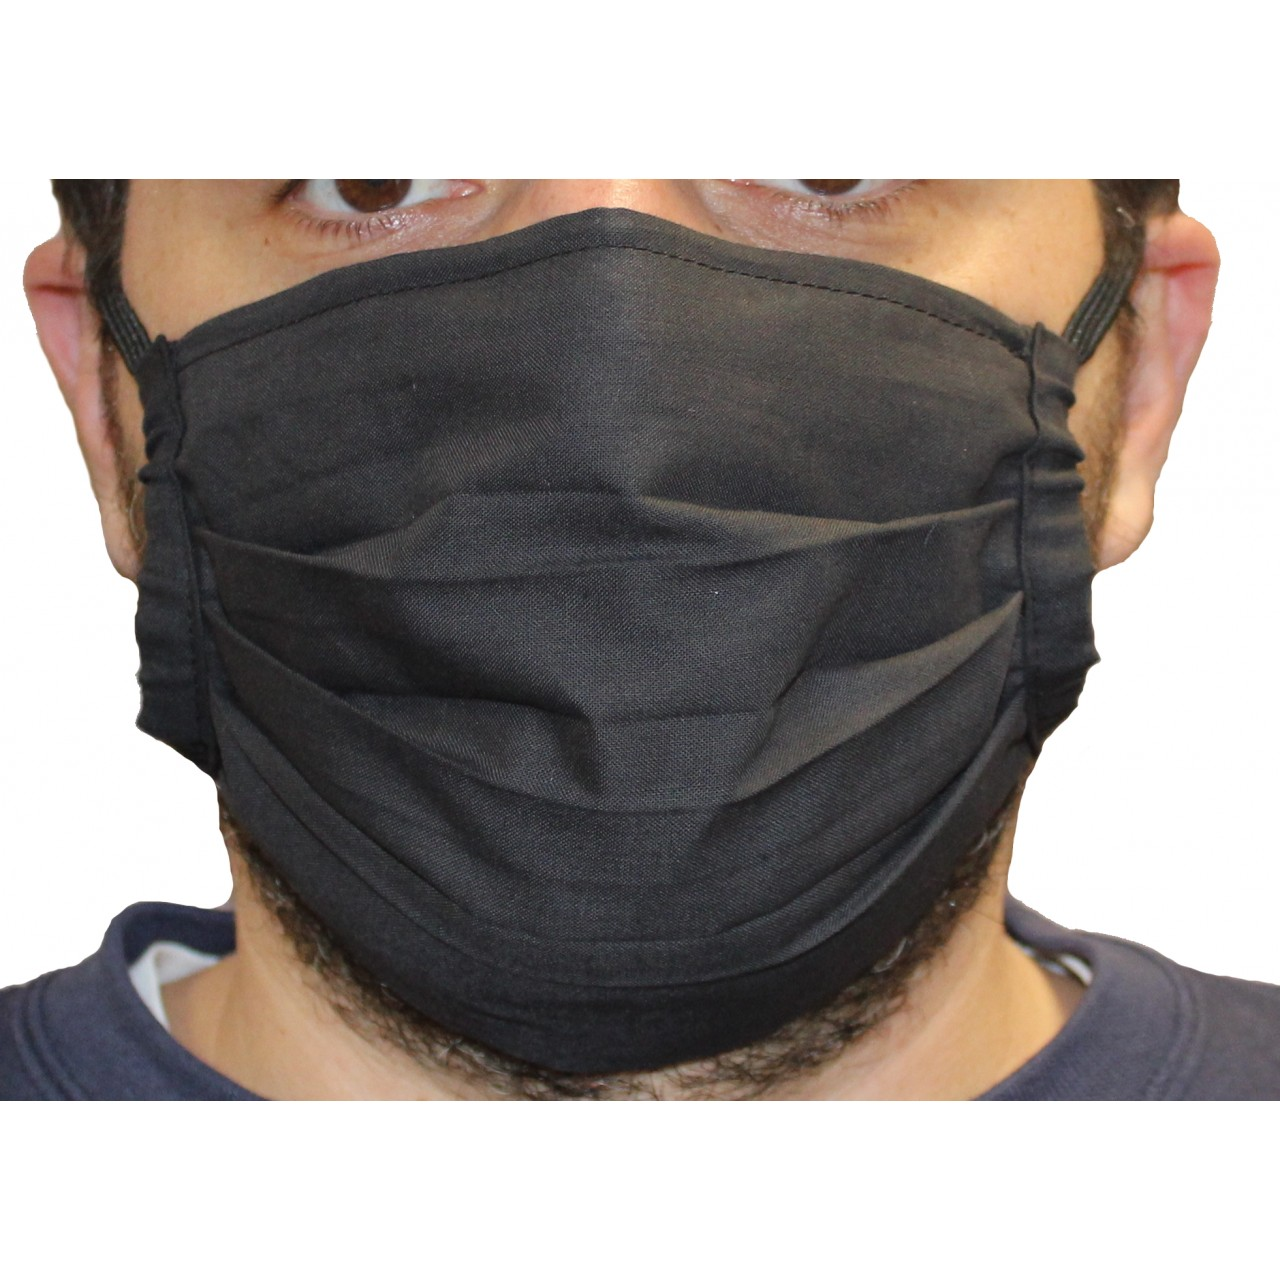 Μάσκα Εργασίας Πολλαπλών Χρήσεων Υφασμάτινη - 4168